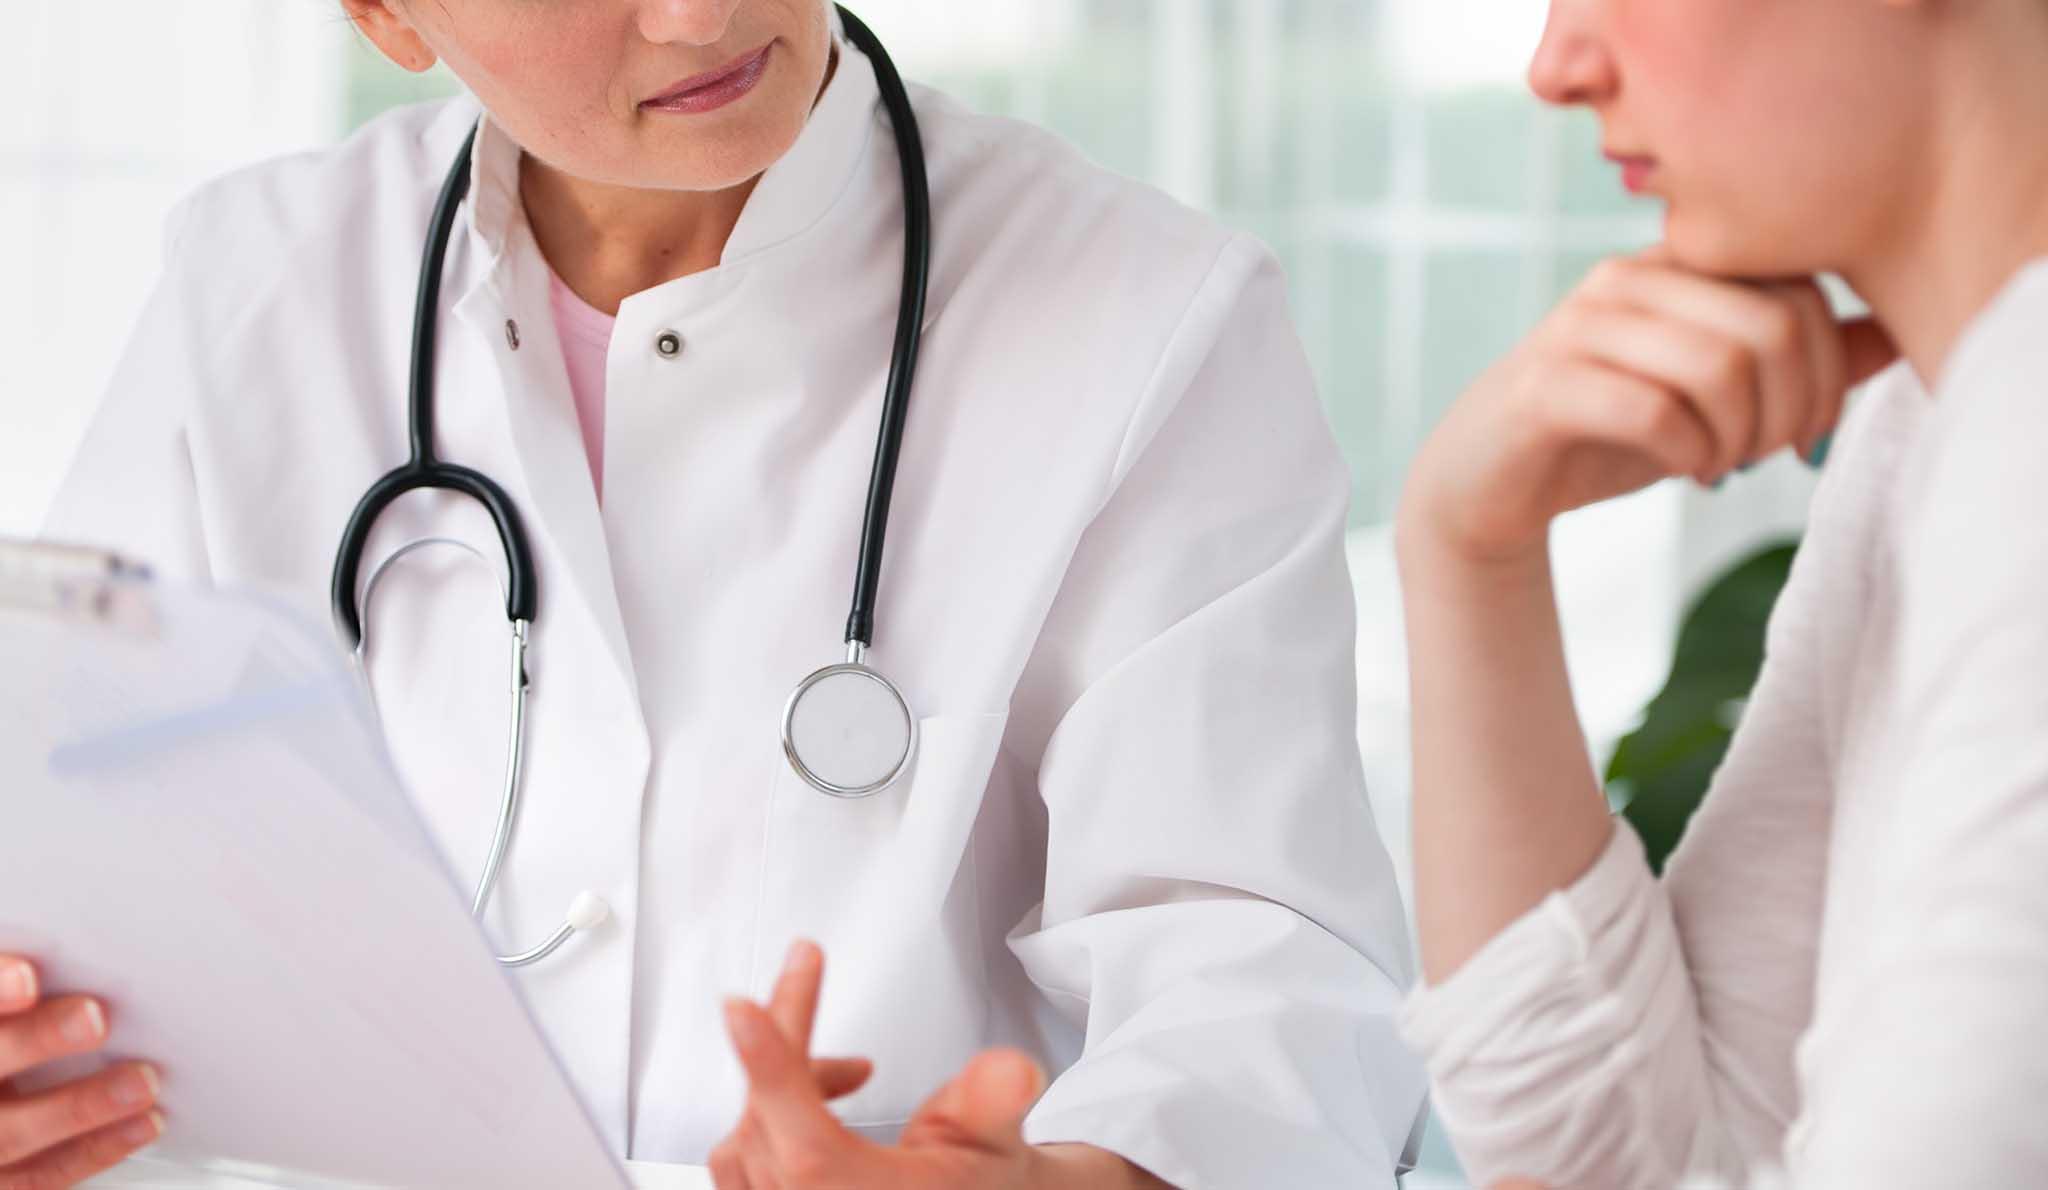 Take it Healthy: Jakie są główne przyczyny chorób?